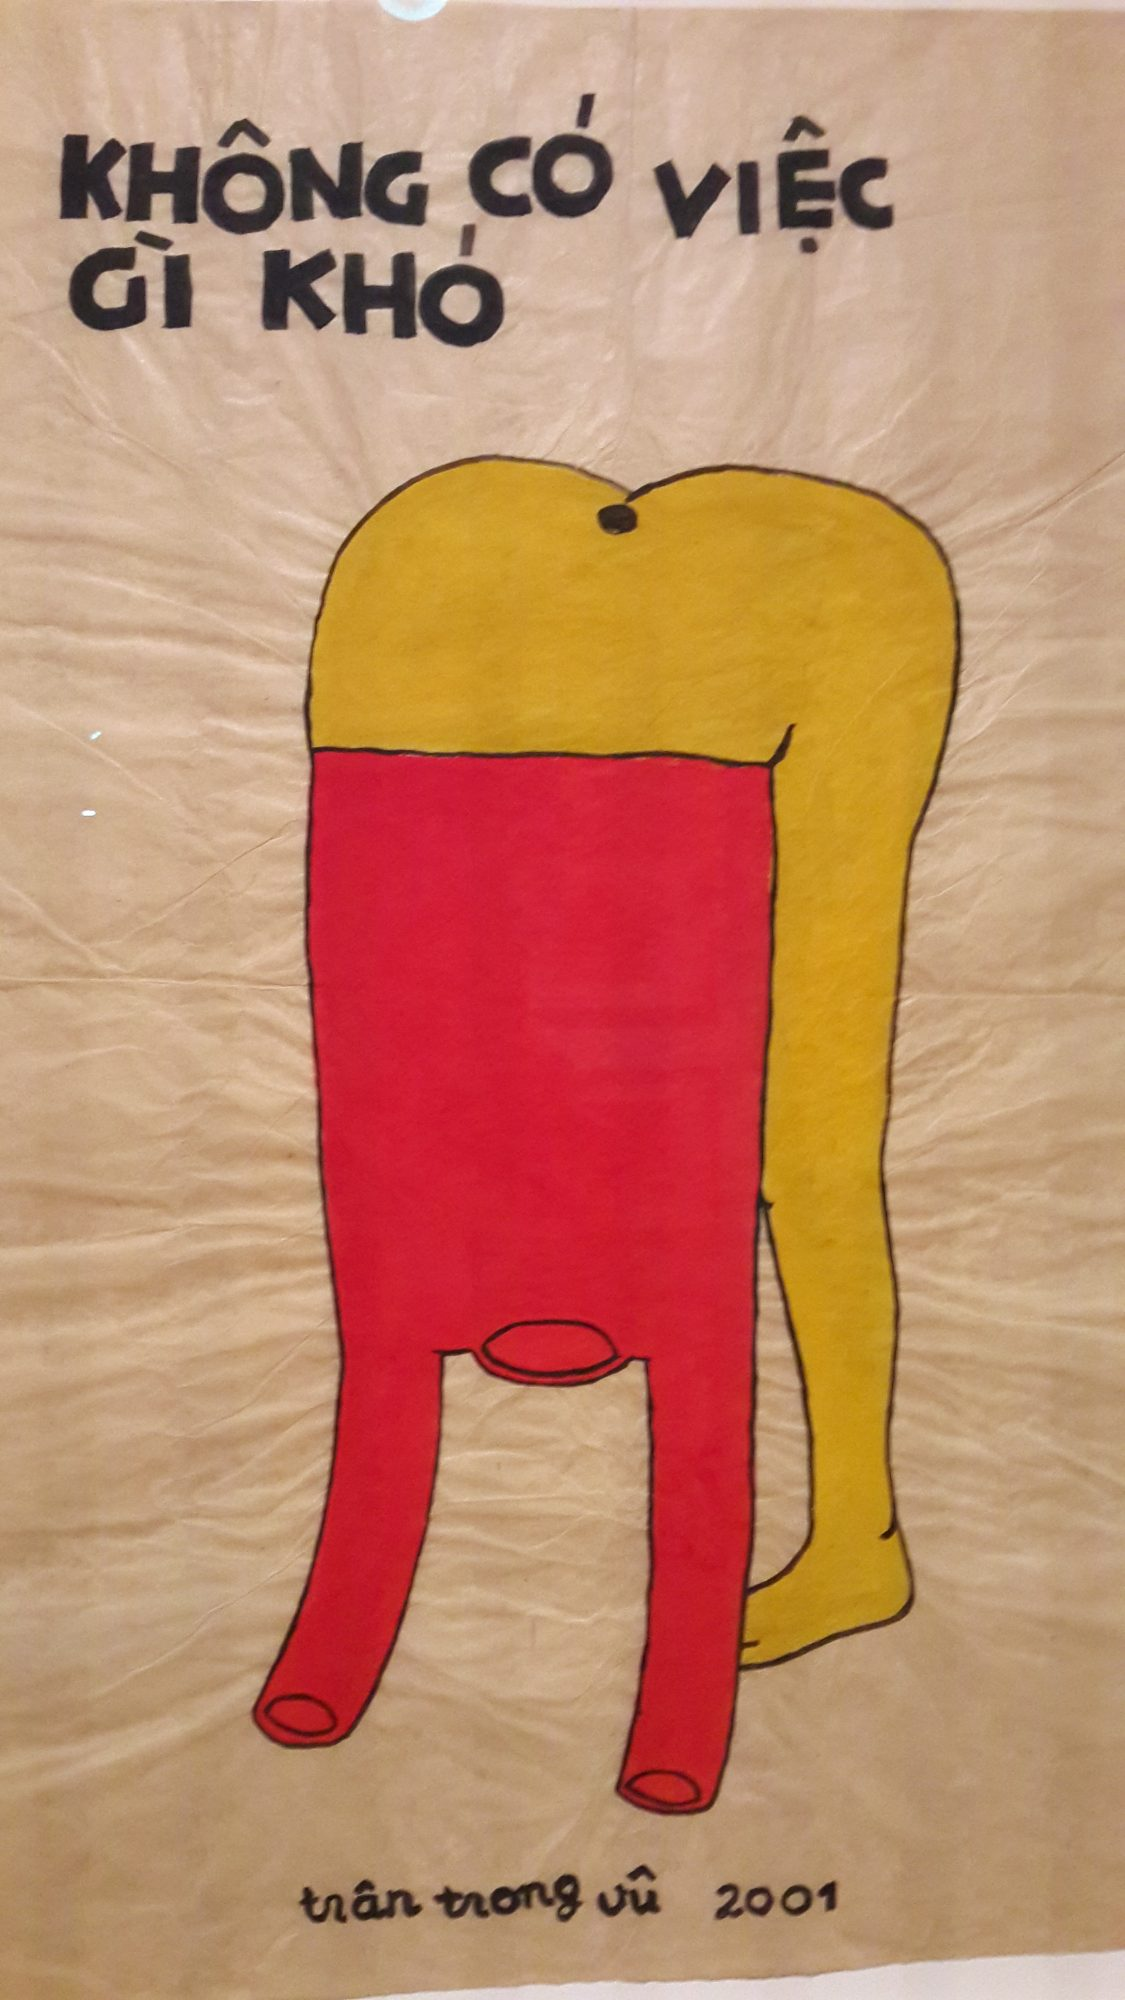 C'est une œuvre de l'artiste Vietnamien TRAN TRONG VU né en 1964 au Viêtnam. Il a été peint en 2001 peintures acryliques sur du papier. Offert en cadeau au muséum d'art moderne de Singapour par YEAP LAM YANG et porte le n° 2006-01829. Ce tableau représente une critique à l'égard de l'optimisme communiste au Viêtnam. Ce tableau traduit le slogan de HO CHI MINH en haut du dessin qui signifie rien n'est difficile, le tableau illustre une personne qui se bat pour enfiler un T-shirt rouge, presque perdu dans l'énorme taille de ce dernier. Mr VU installé en France depuis 1989, fait partie de nouvelle génération des artistes vietnamiens, il porte un œil critique sur l'histoire de son pays le Viêtnam.